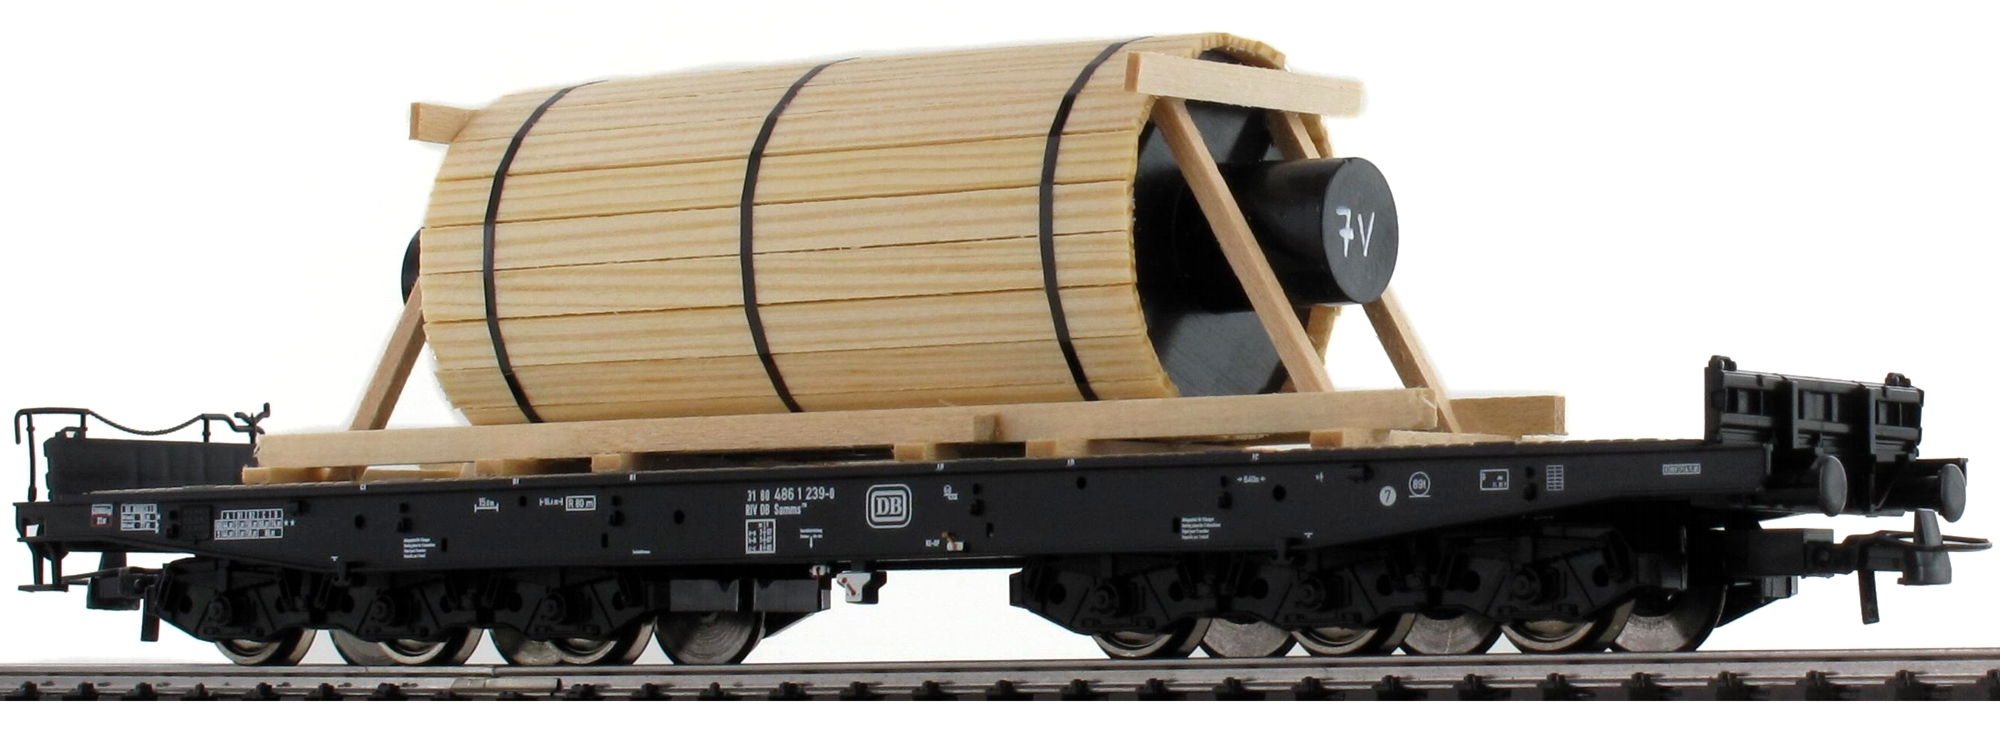 Roco 76826 Güterwagen Schwerlastwagen mit Stahlwalze DB H0